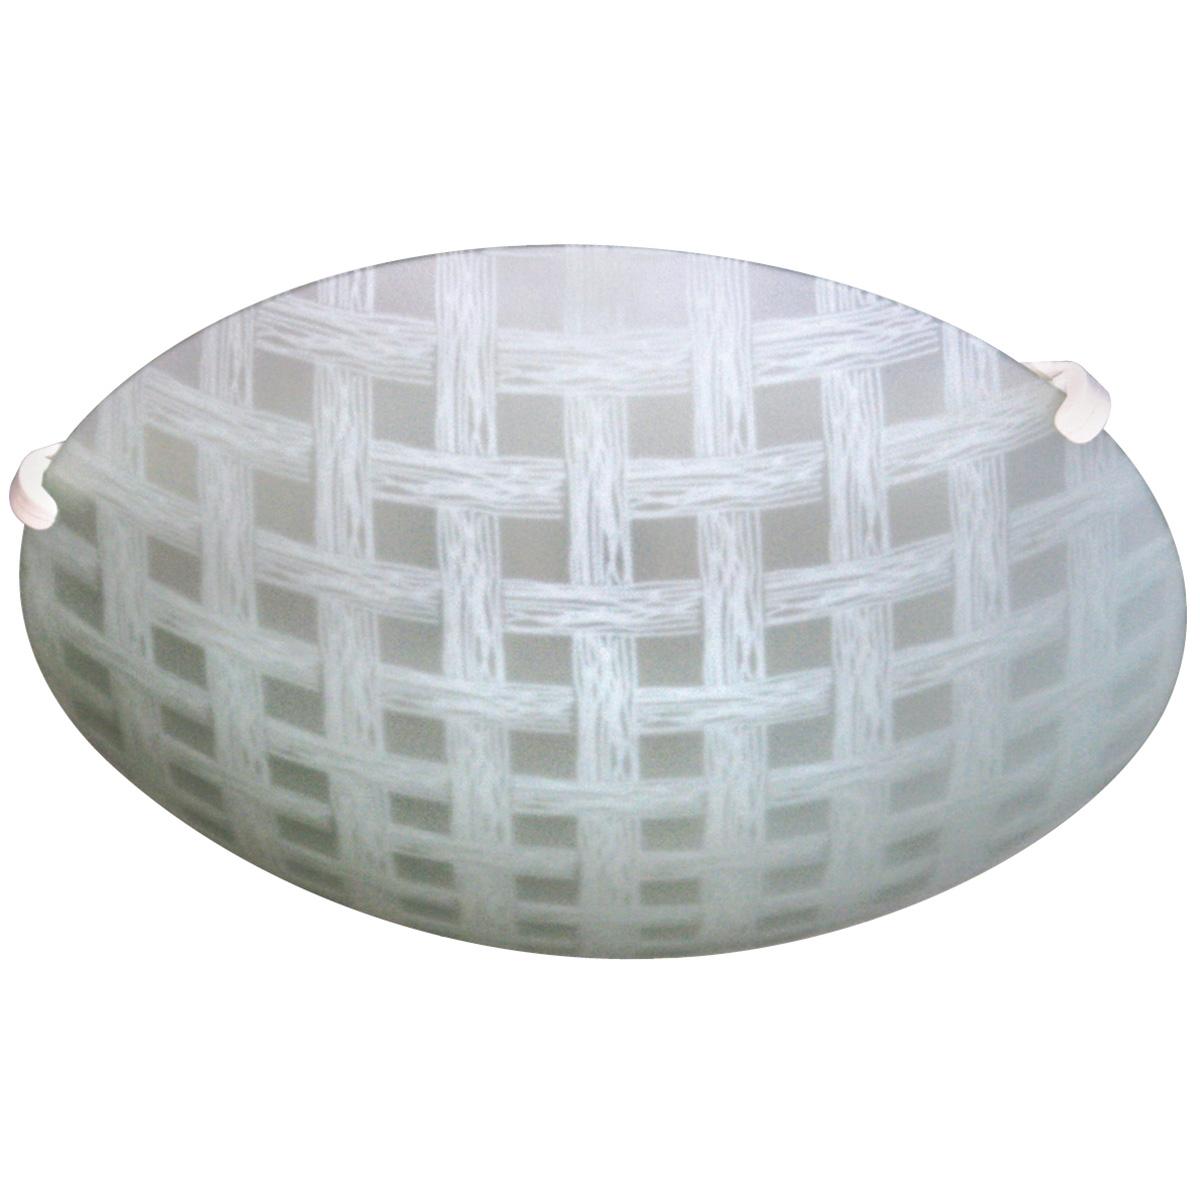 Plafon Trelica Vidro 25cm 1 Lamp. E-27 Max 60w